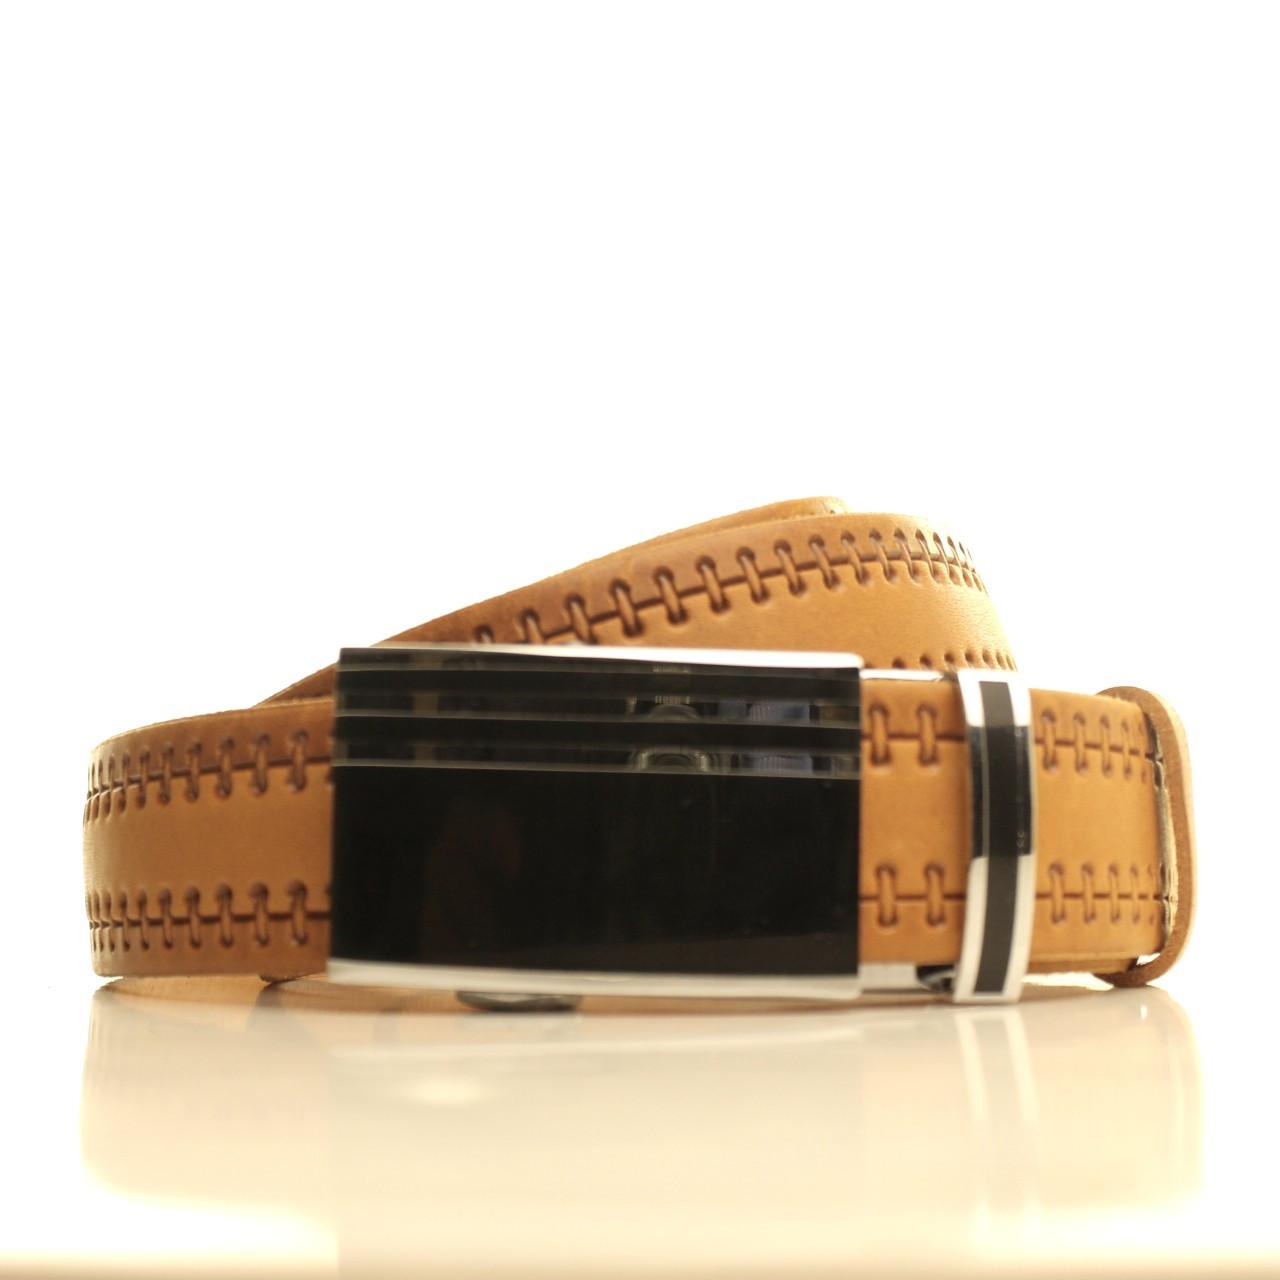 Ремень кожаный Lazar 120-125 см коричневый l35u1a117